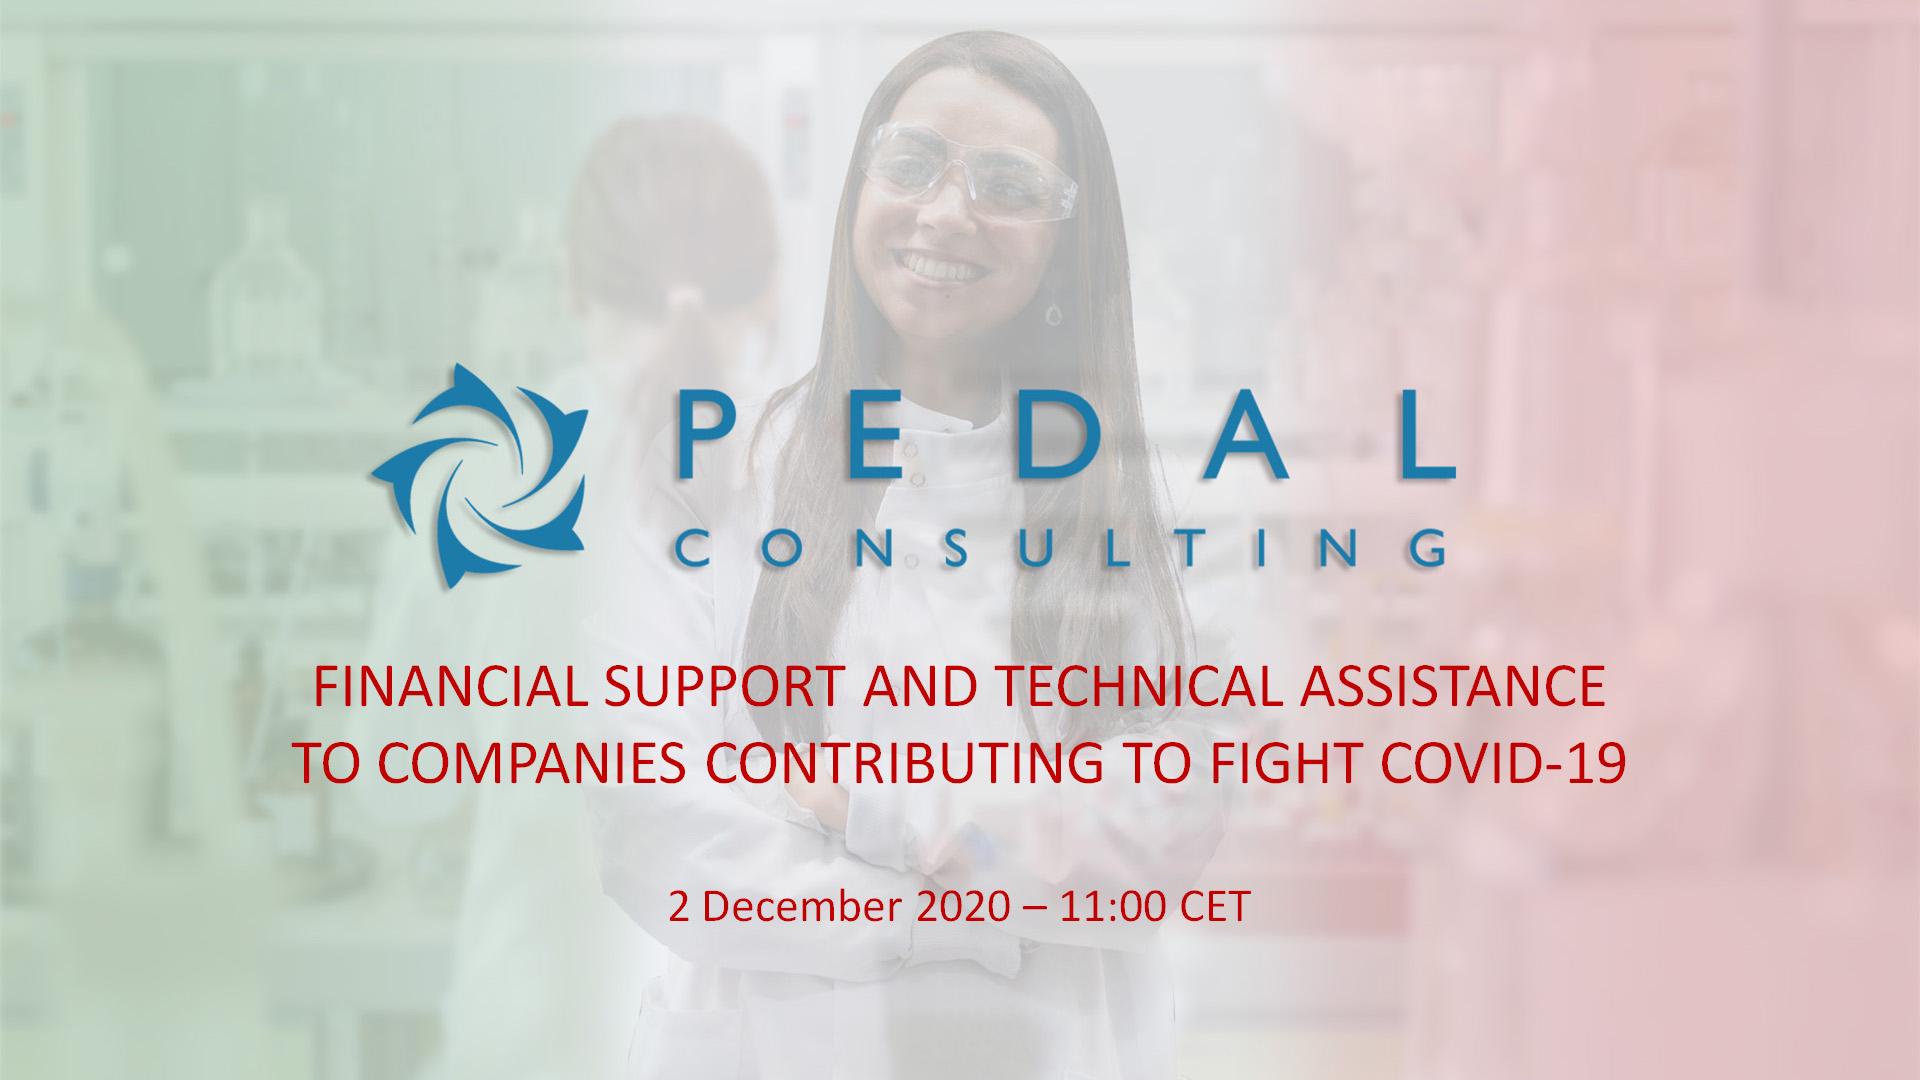 Supporto finanziario e assistenza tecnica alle aziende che contribuiscono alla lotta contro il COVID-19